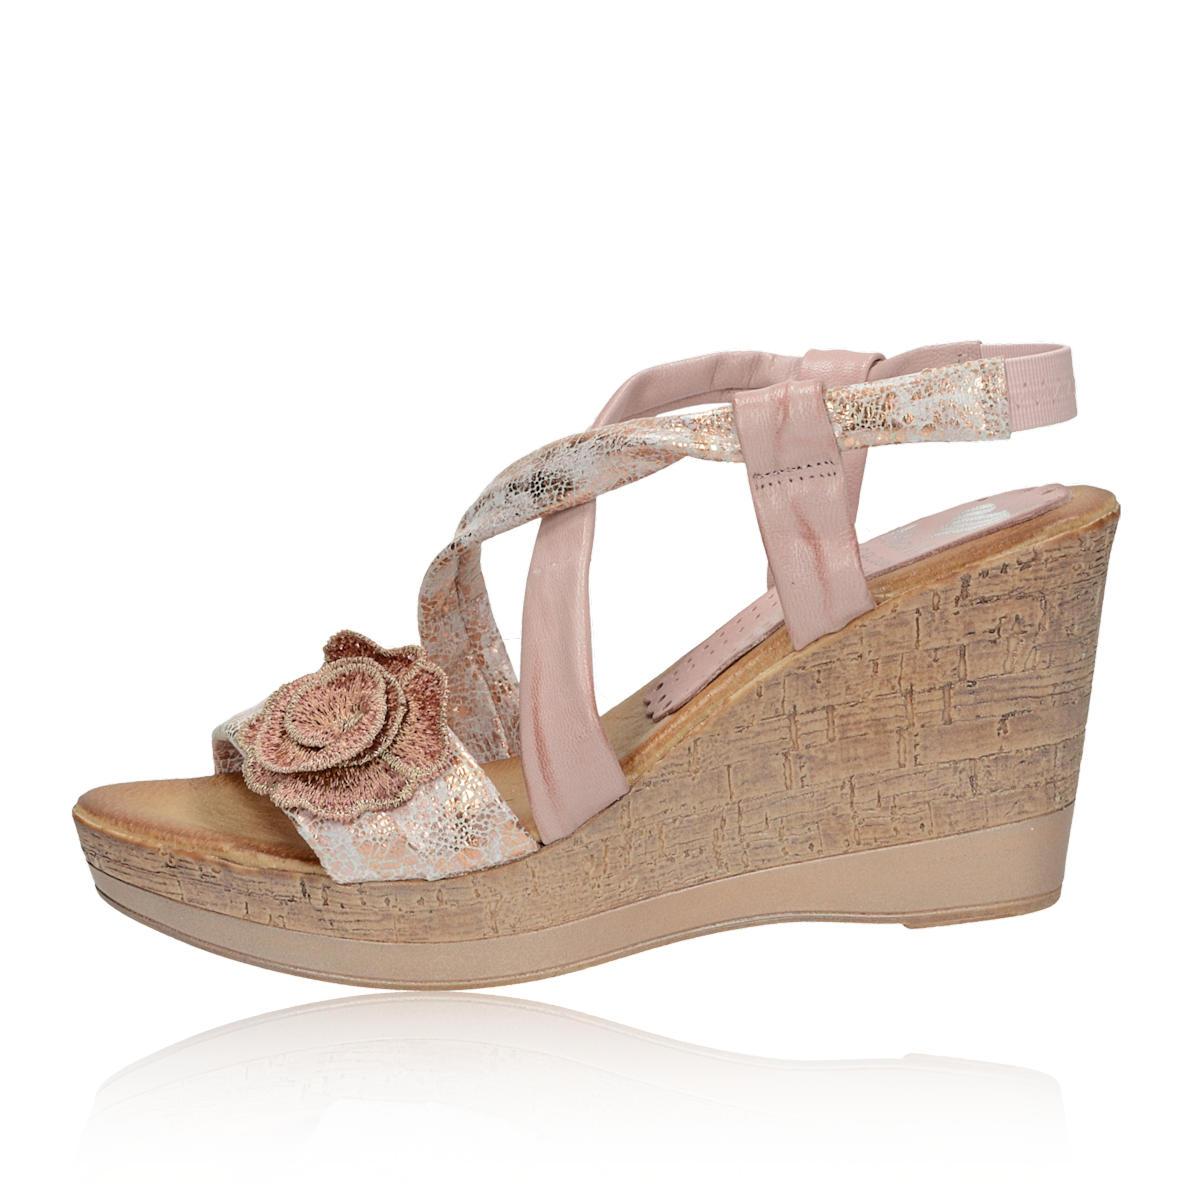 ebcd0cbce943 ... Marila dámske kožené sandále na klinovej podrážke - ružové ...